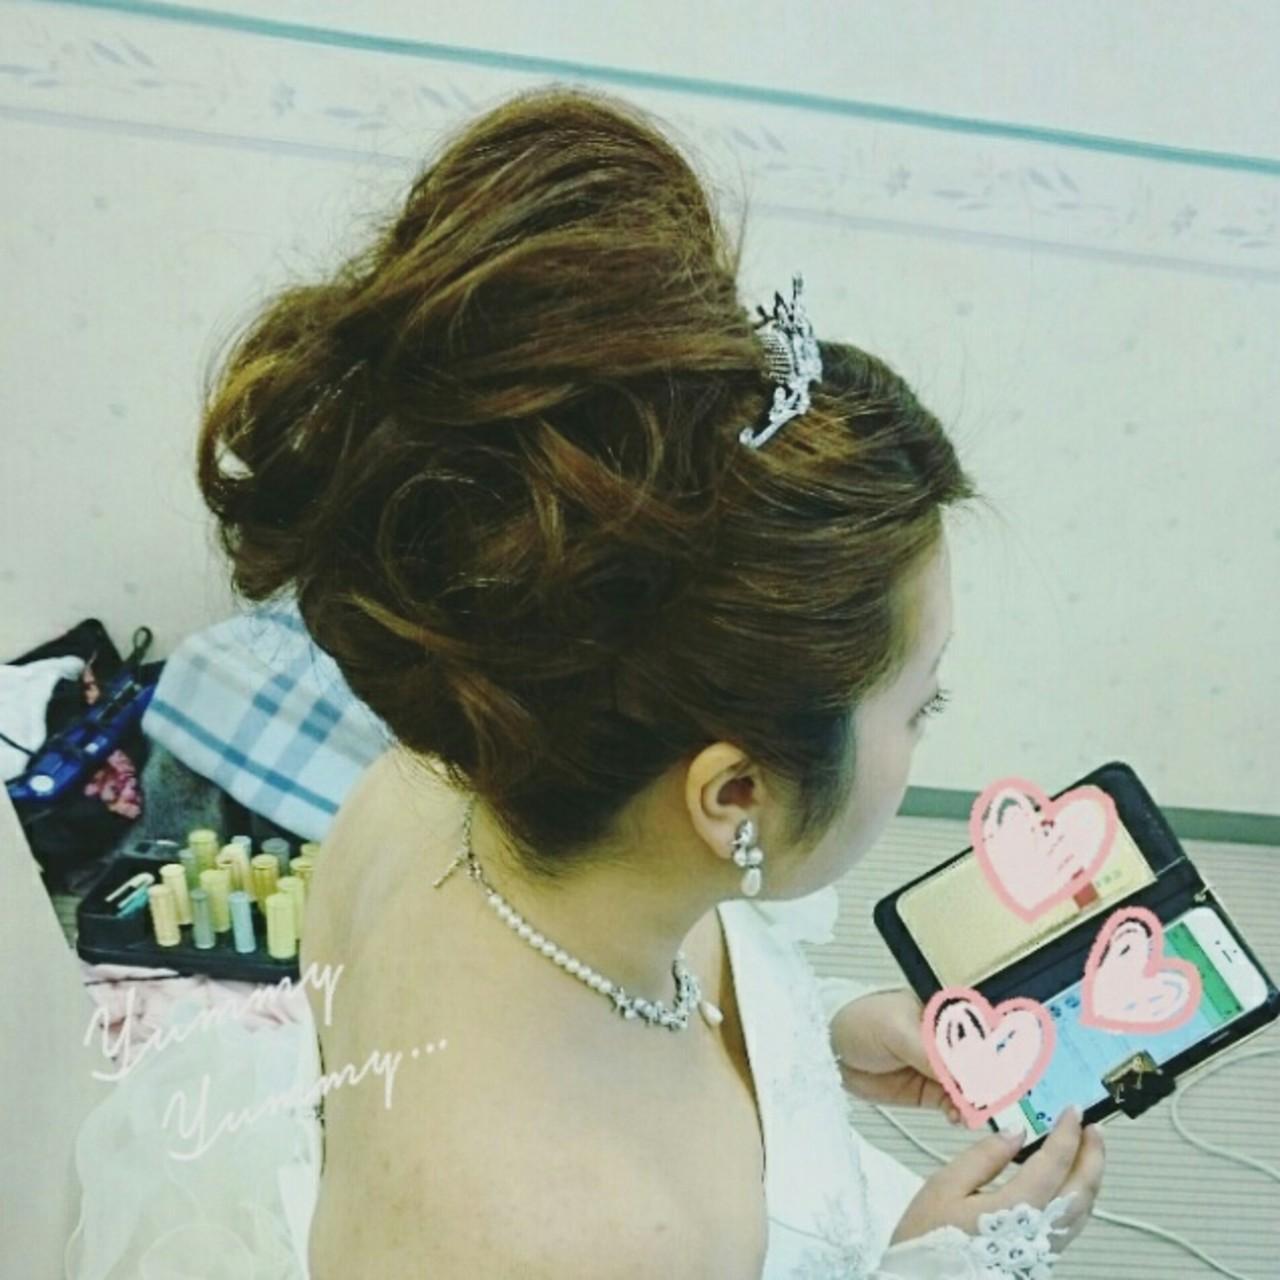 ヘアアレンジ 結婚式 ブライダル ゆるふわ ヘアスタイルや髪型の写真・画像 | 美和遥 FITZ(フィッツ) / 富士美容院 FITZ (フィッツ)